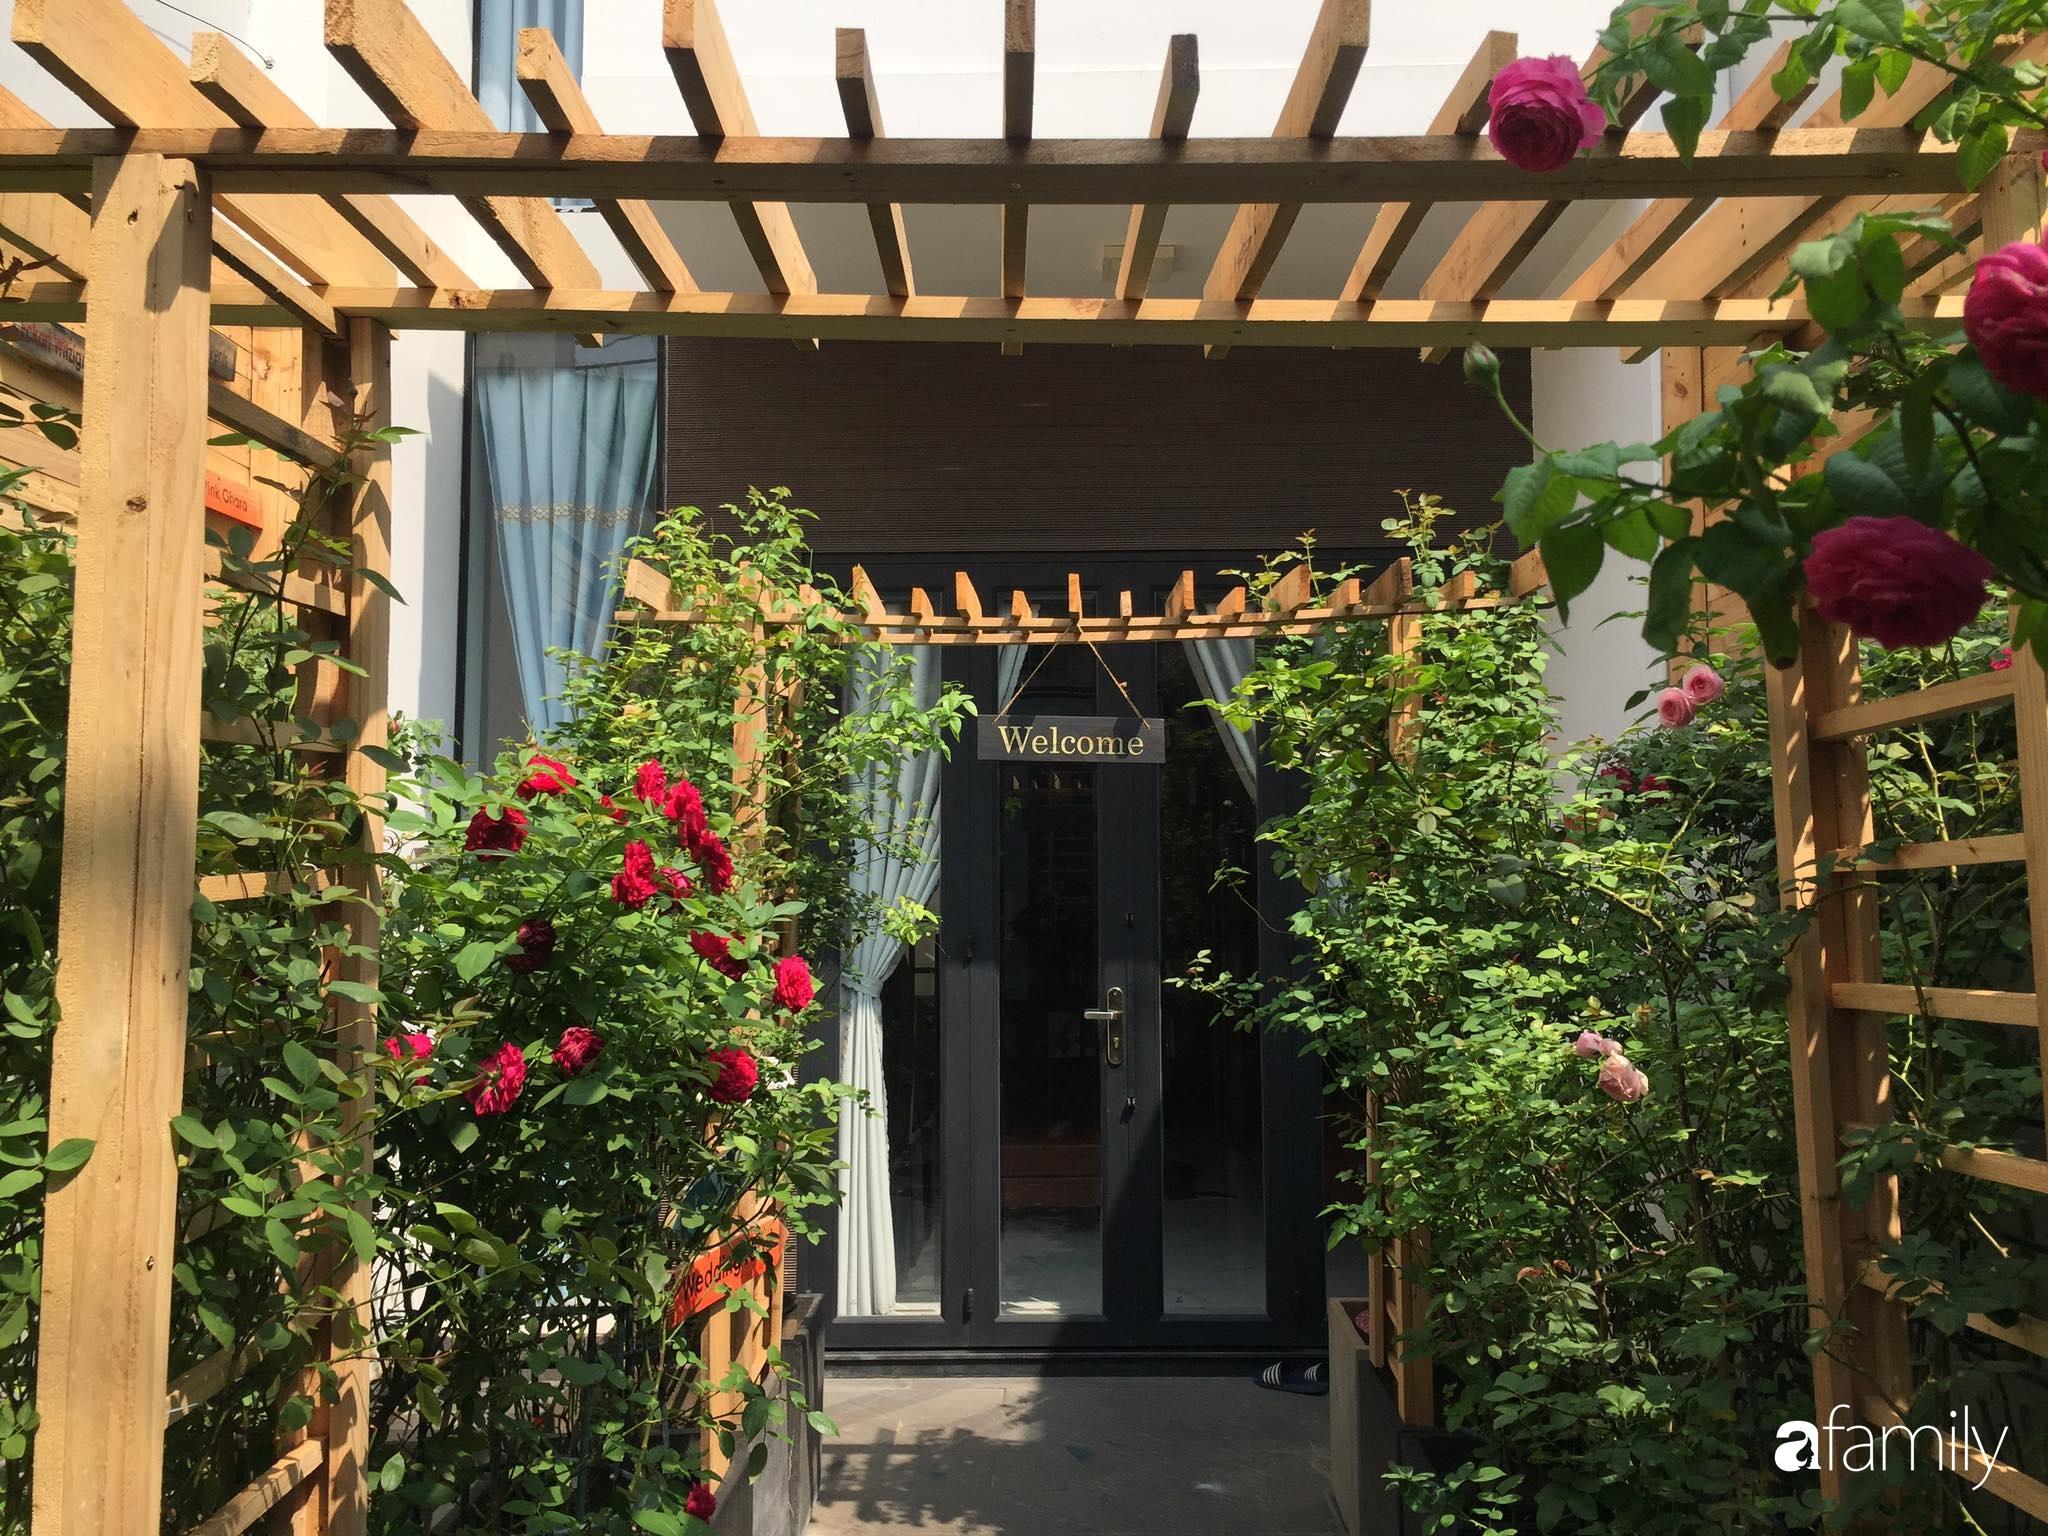 Lối nhỏ vào nhà níu chân bởi những gốc hồng xanh mướt lá rực rỡ sắc hoa ở Sài Gòn - Ảnh 8.